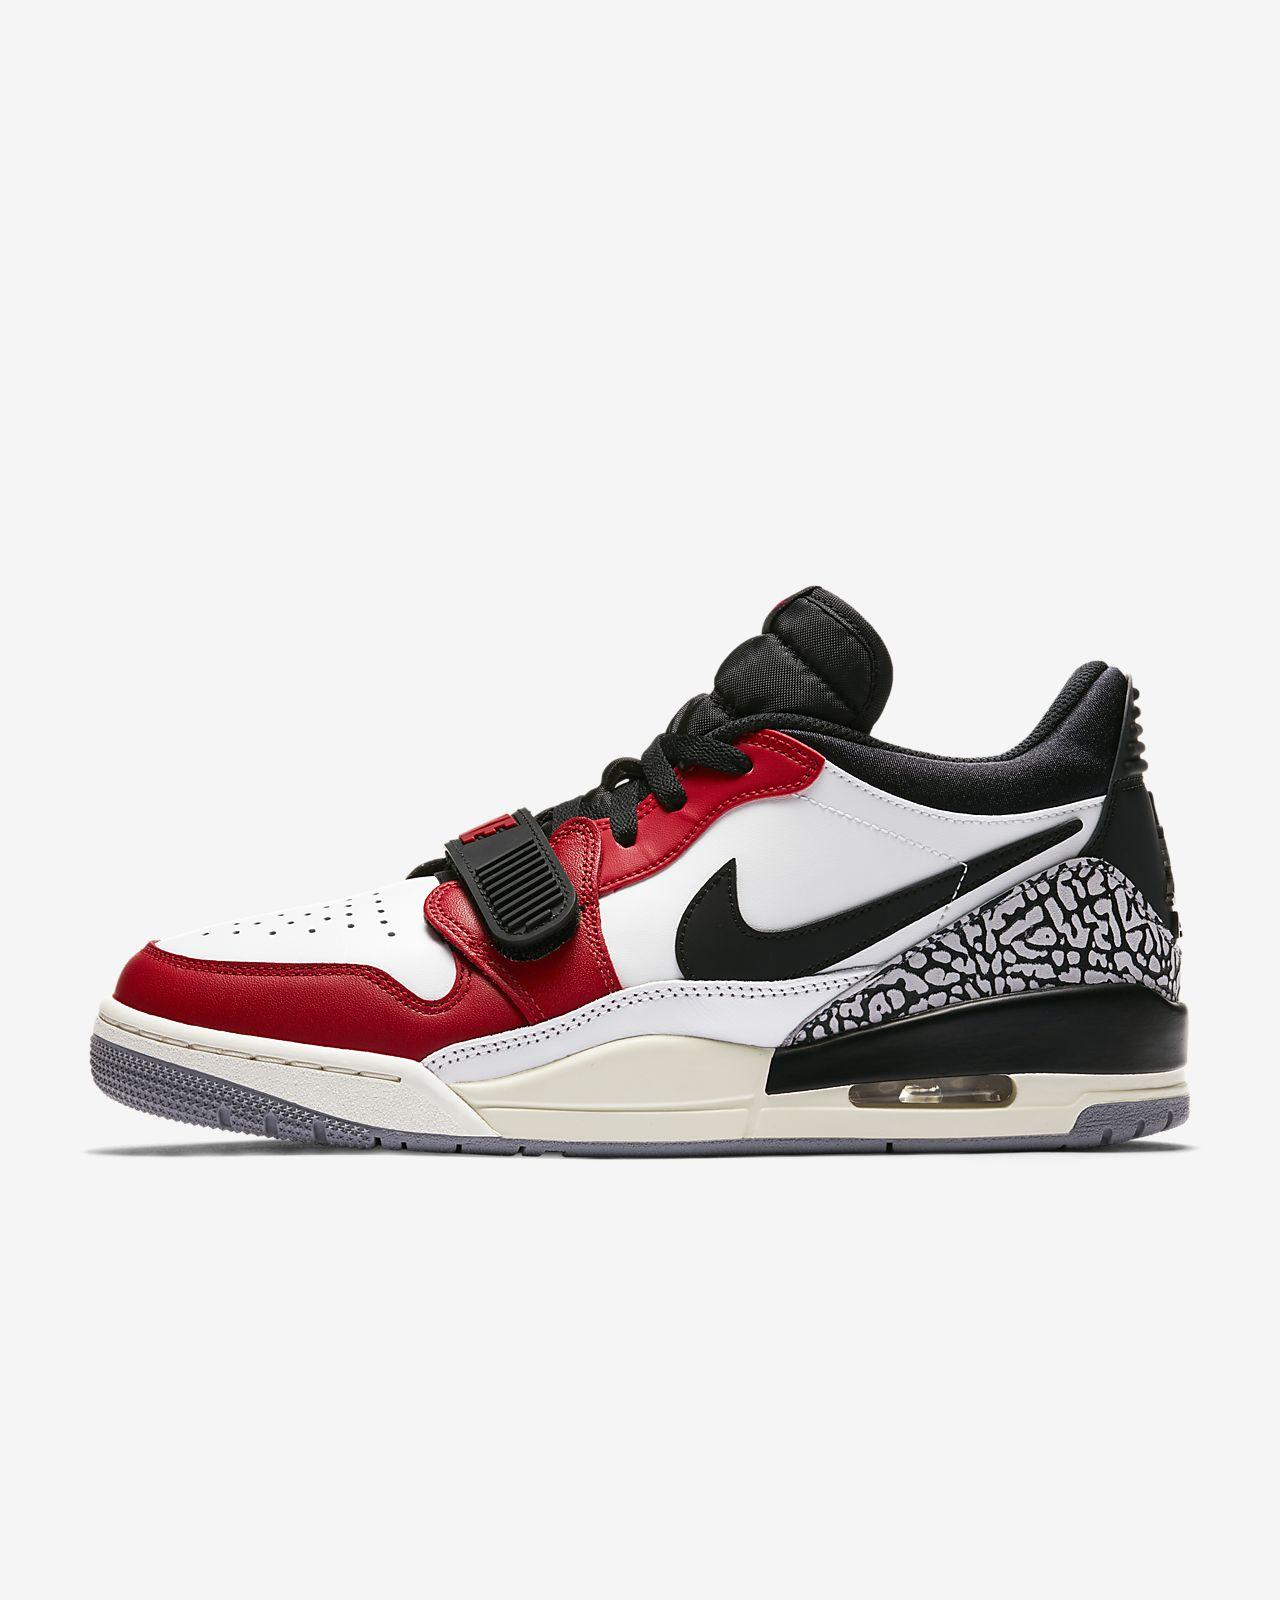 Air Jordan Legacy 312 Low Men's Shoe